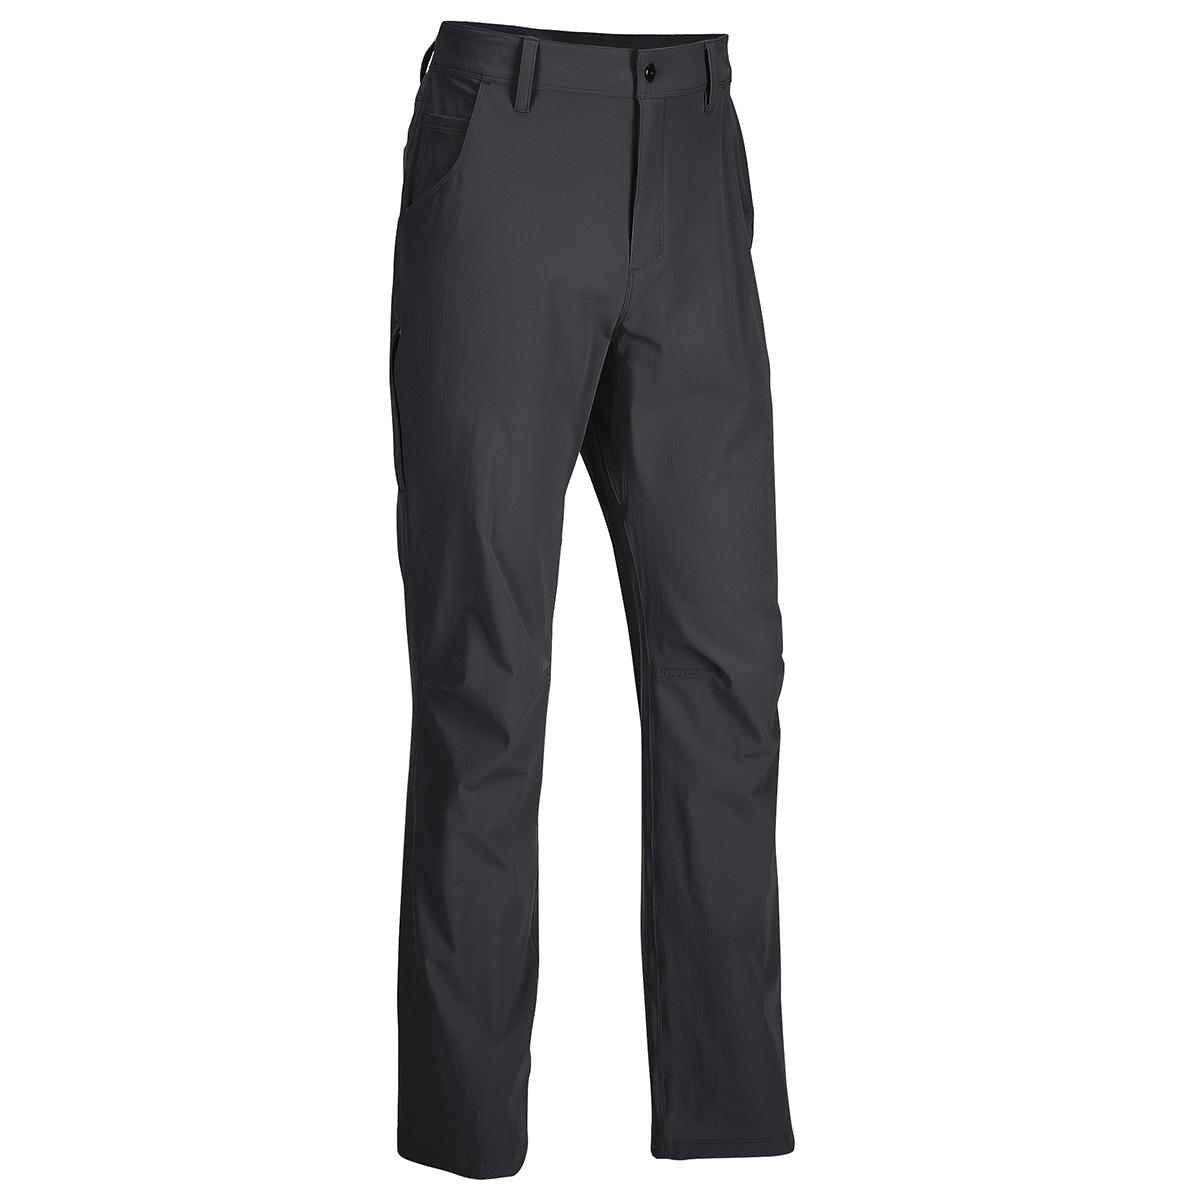 Ems Men's 4-Points Compass Pants - Black, 34/30